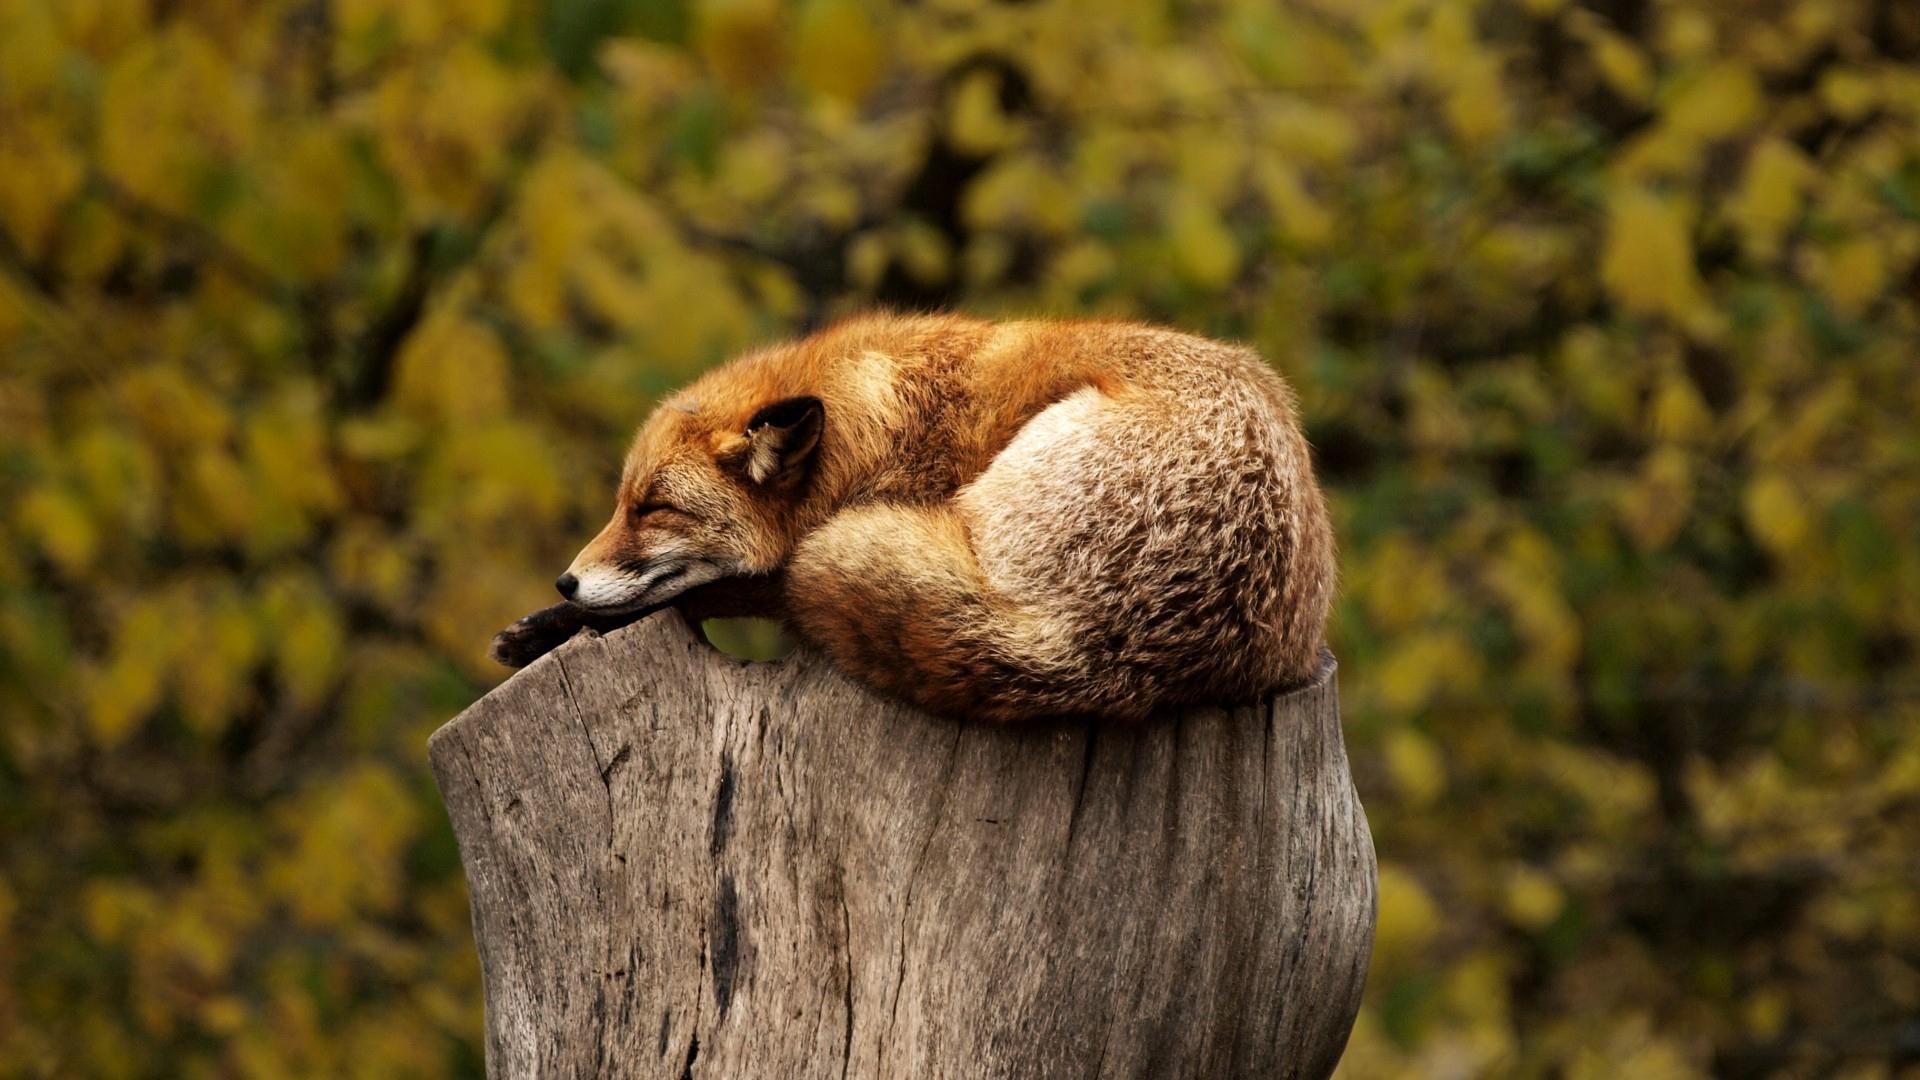 download wallpaper: een slapend vosje wallpaper